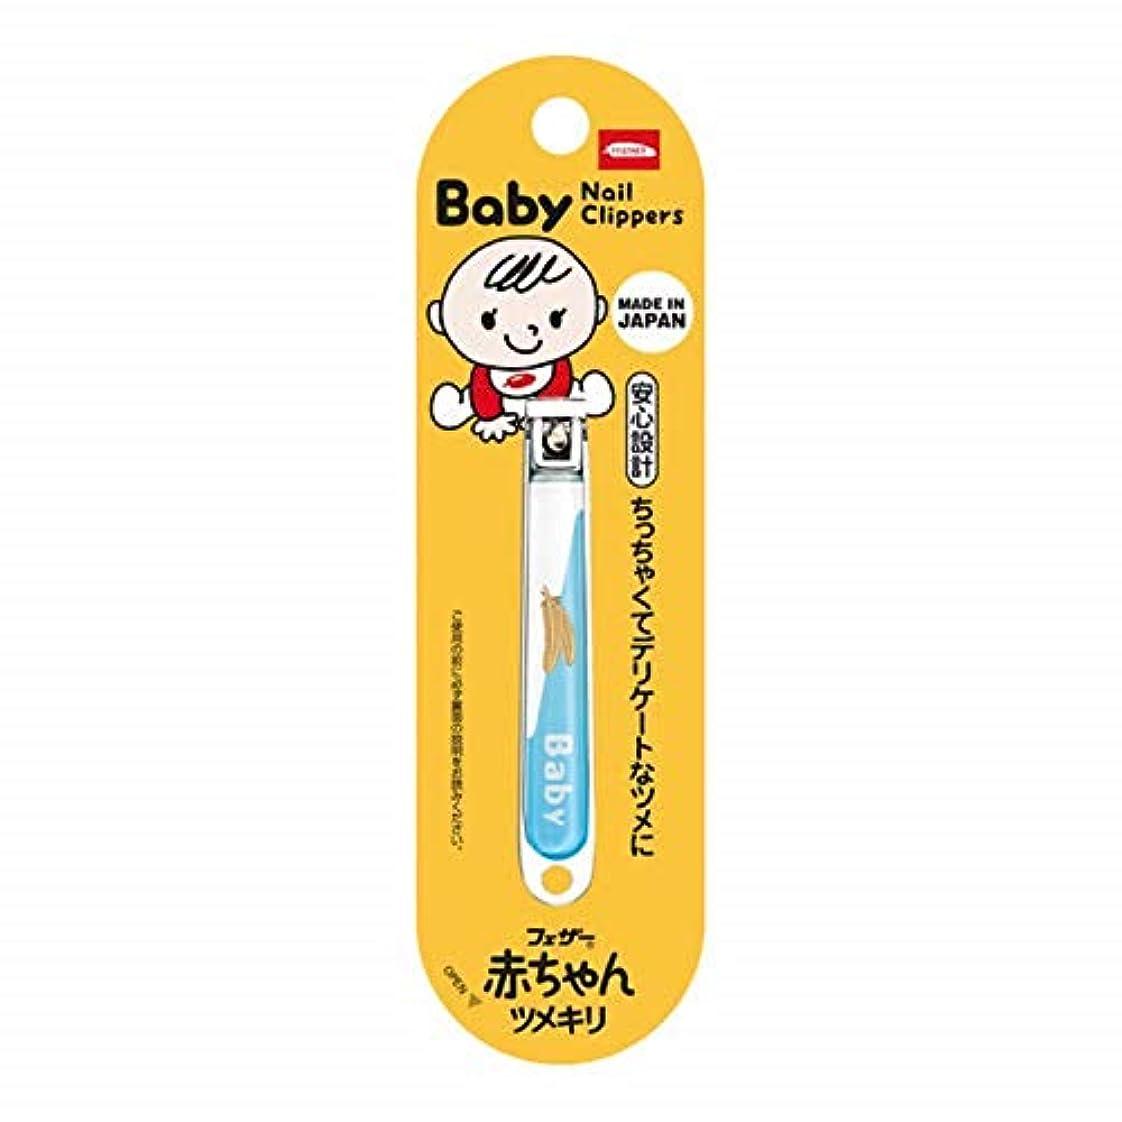 欺助けになる軸フェザー安全剃刀 フェザー赤ちゃんツメキリ 1個 爪切り